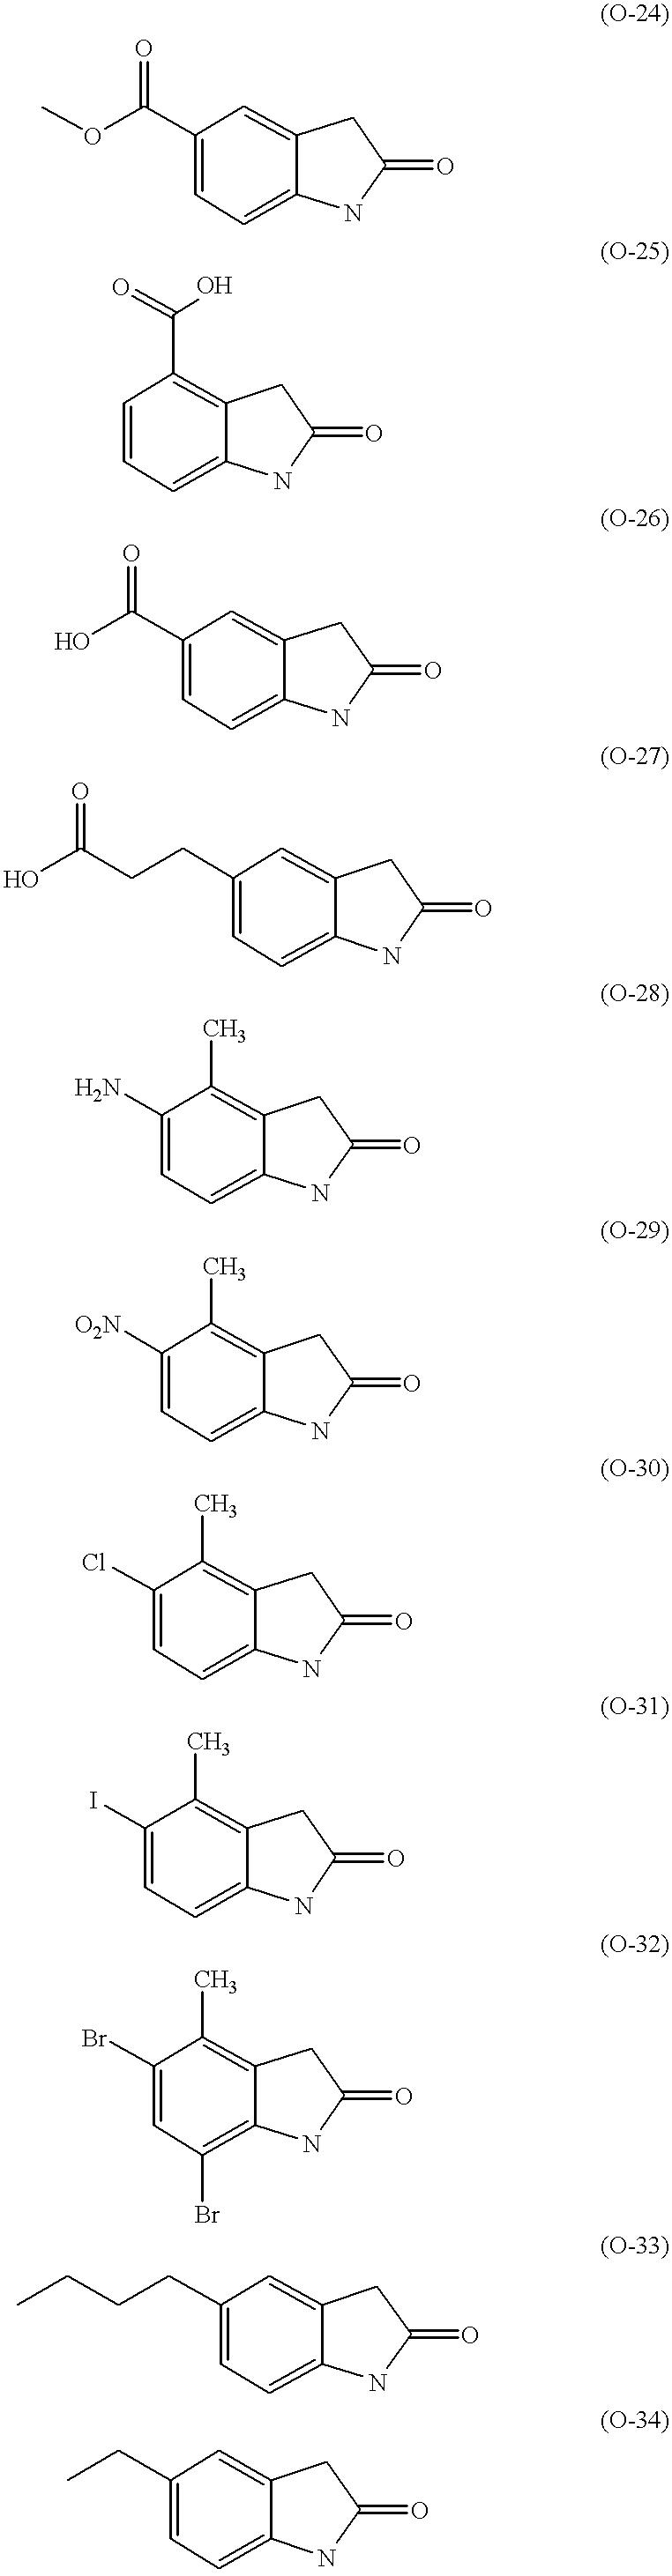 Figure US06514981-20030204-C00007